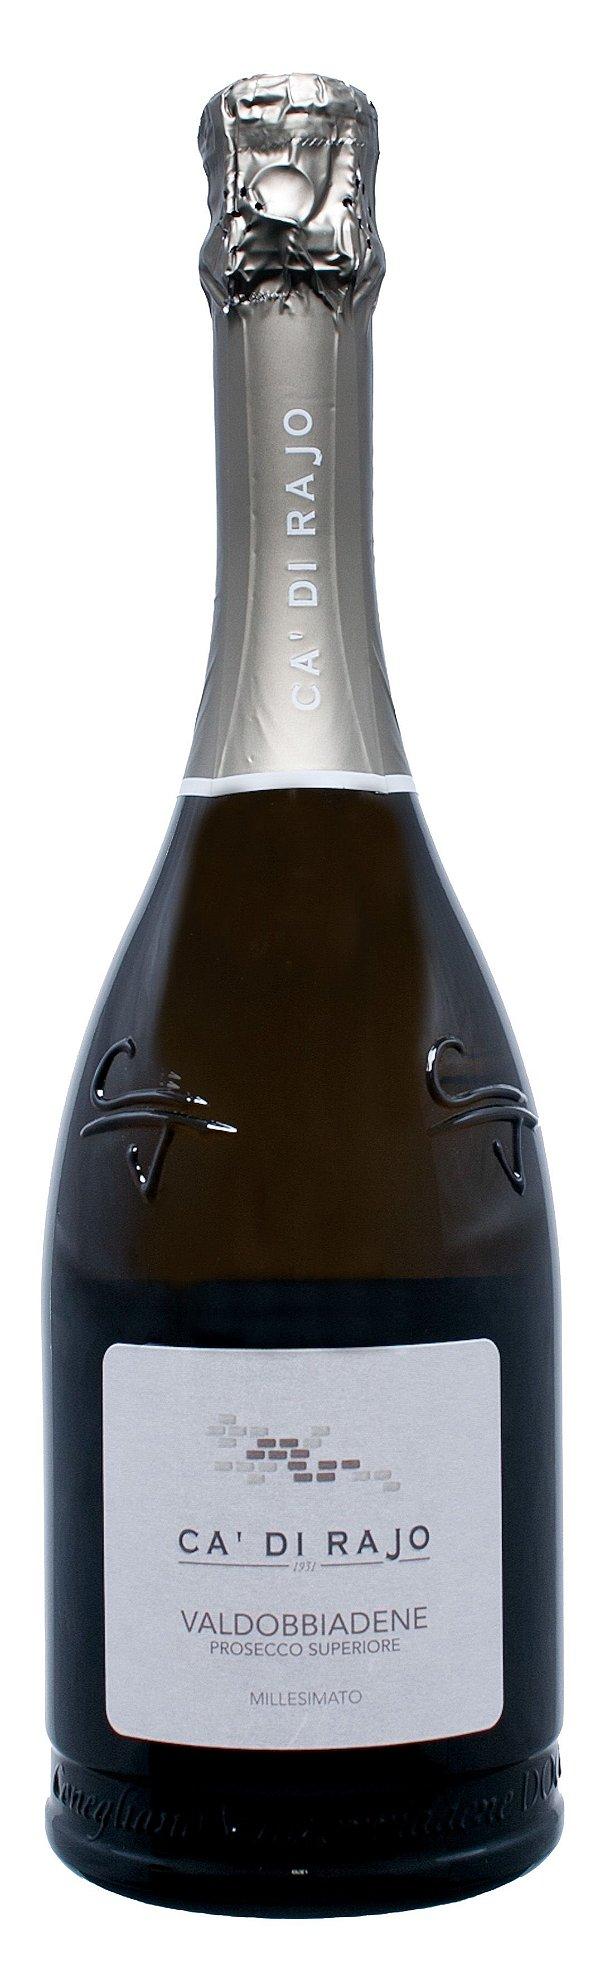 Prosecco Valdobbiadene DOCG (Ca' Di' Rajo) - 750 mL